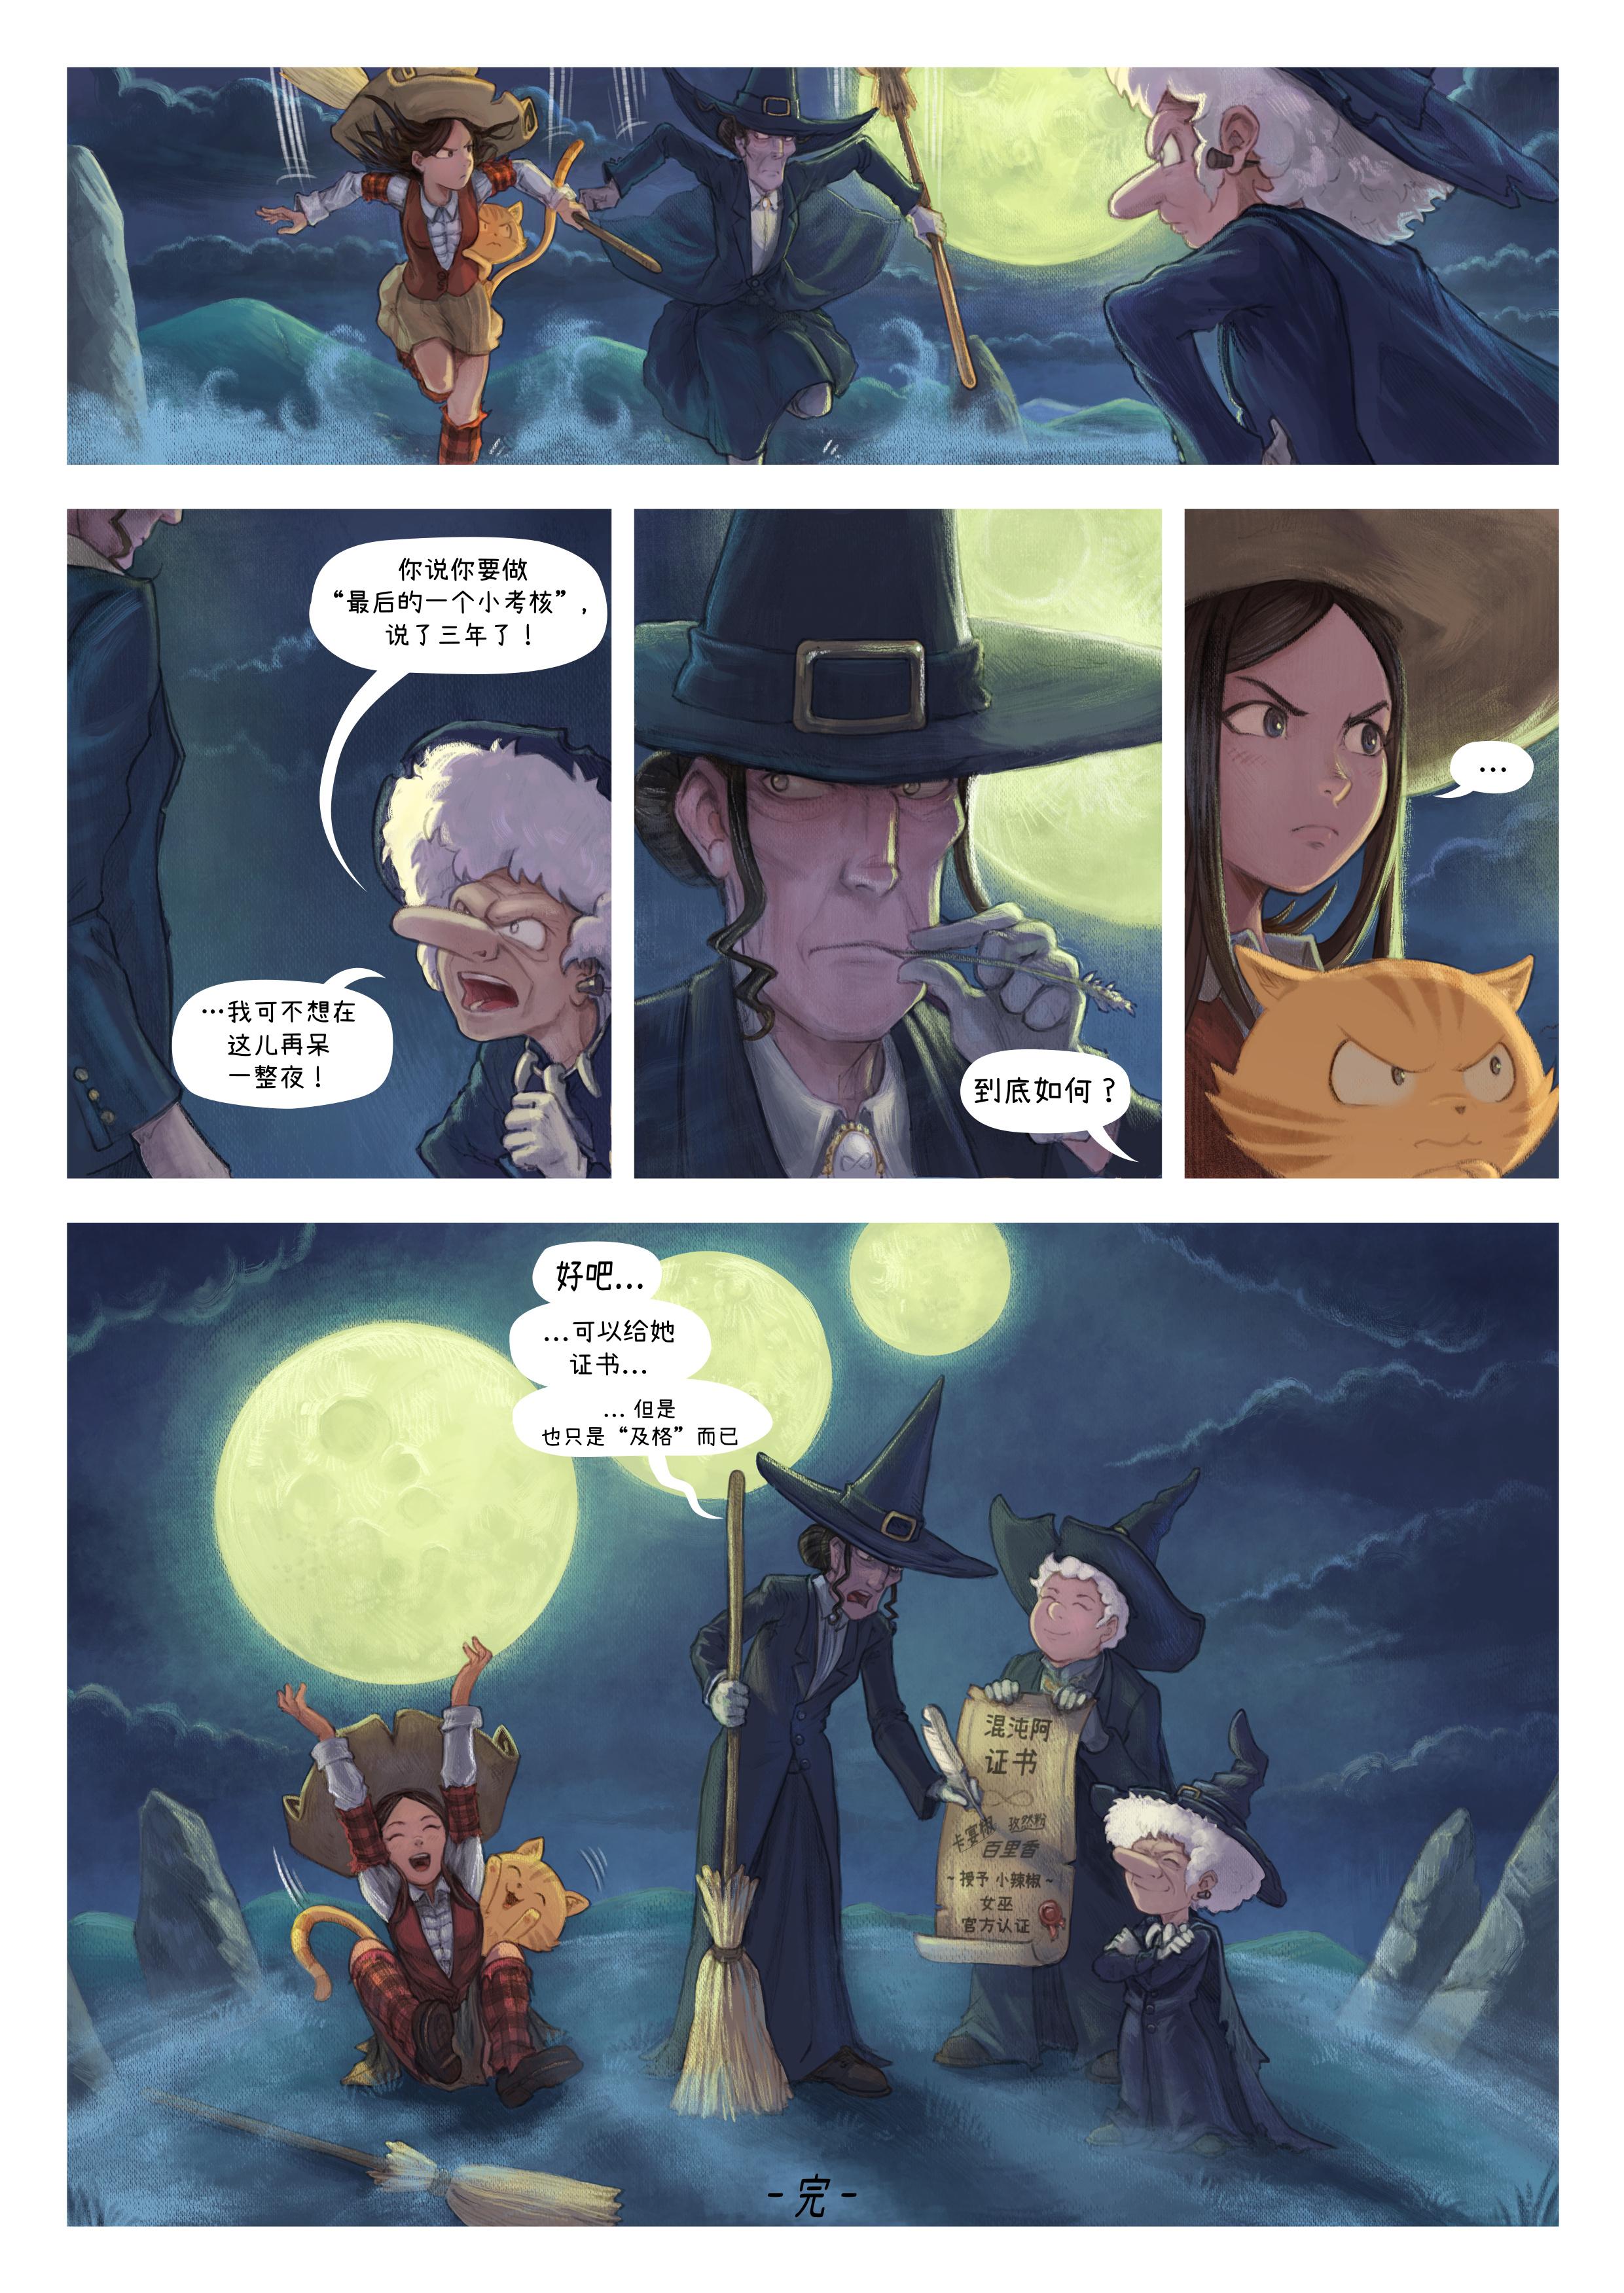 第31集:战斗, Page 7